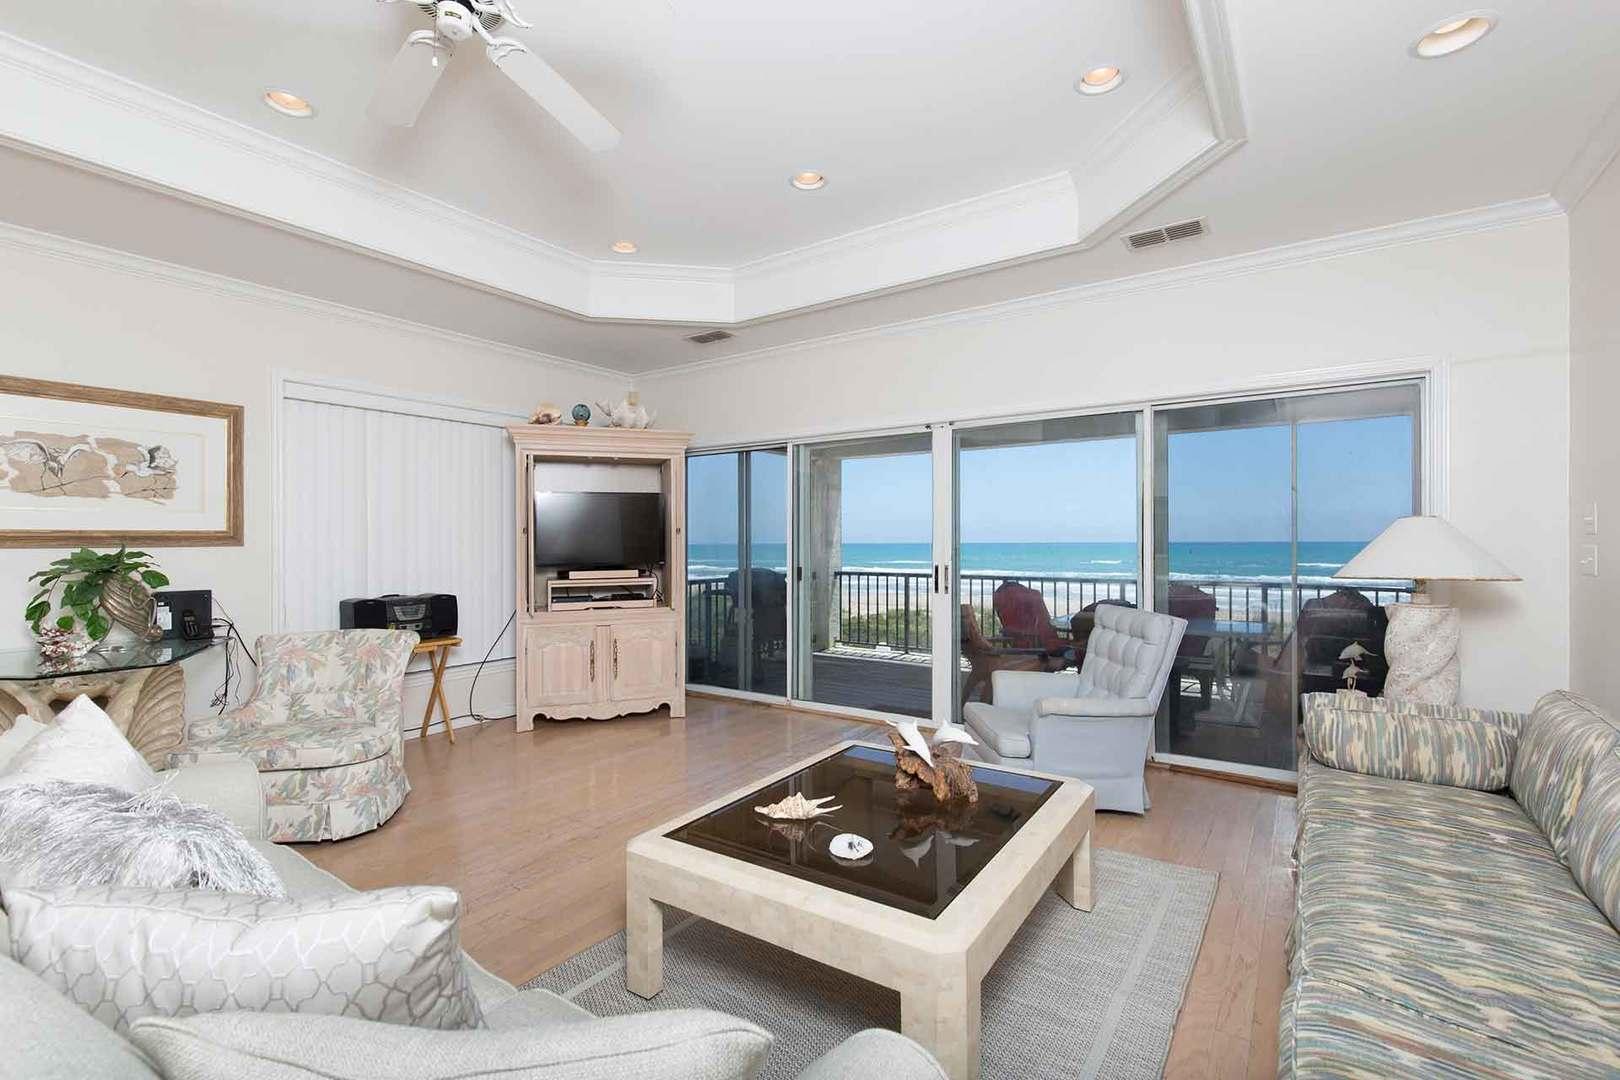 Good Hope Beach Home-5306G